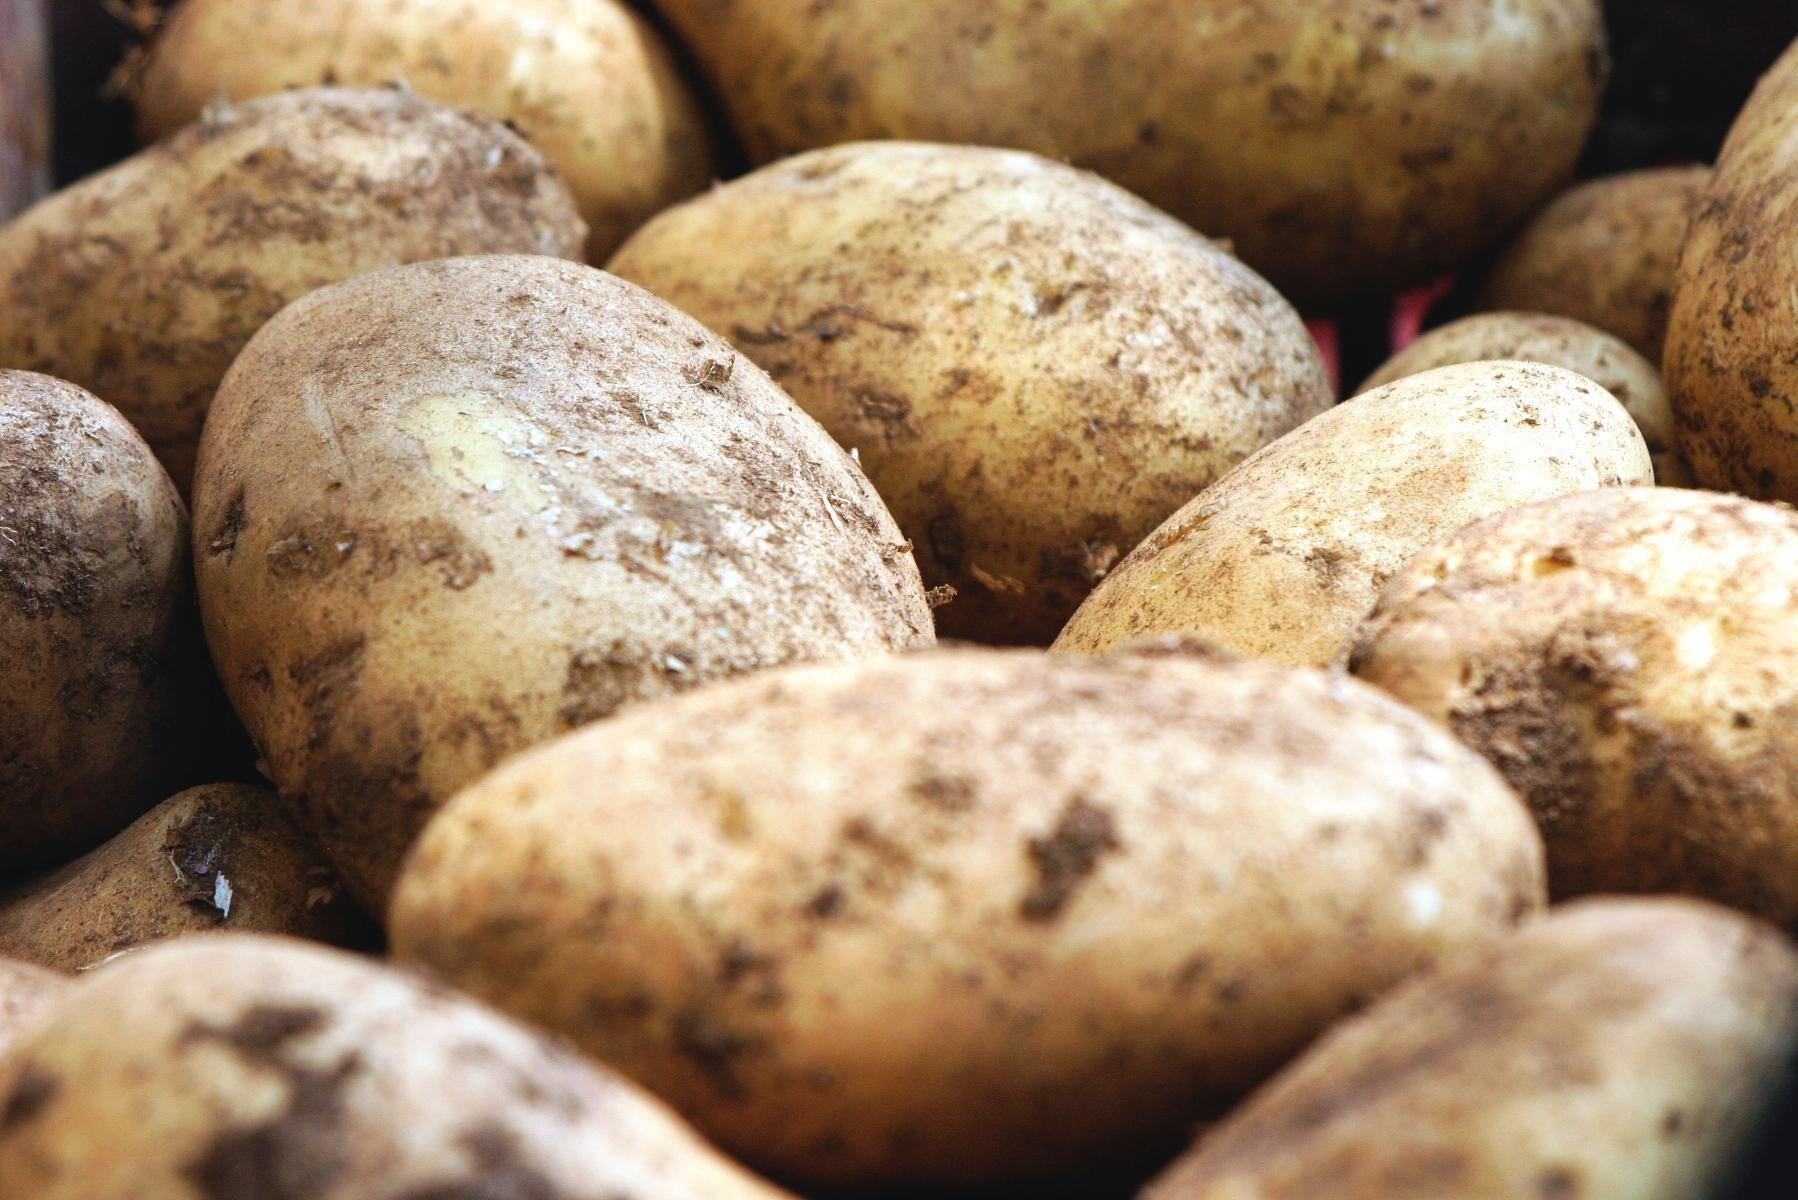 För många potatisodlare är lagringen mycket viktigt ekonomiskt, eftersom odlaren får betalt efter kvalitet.